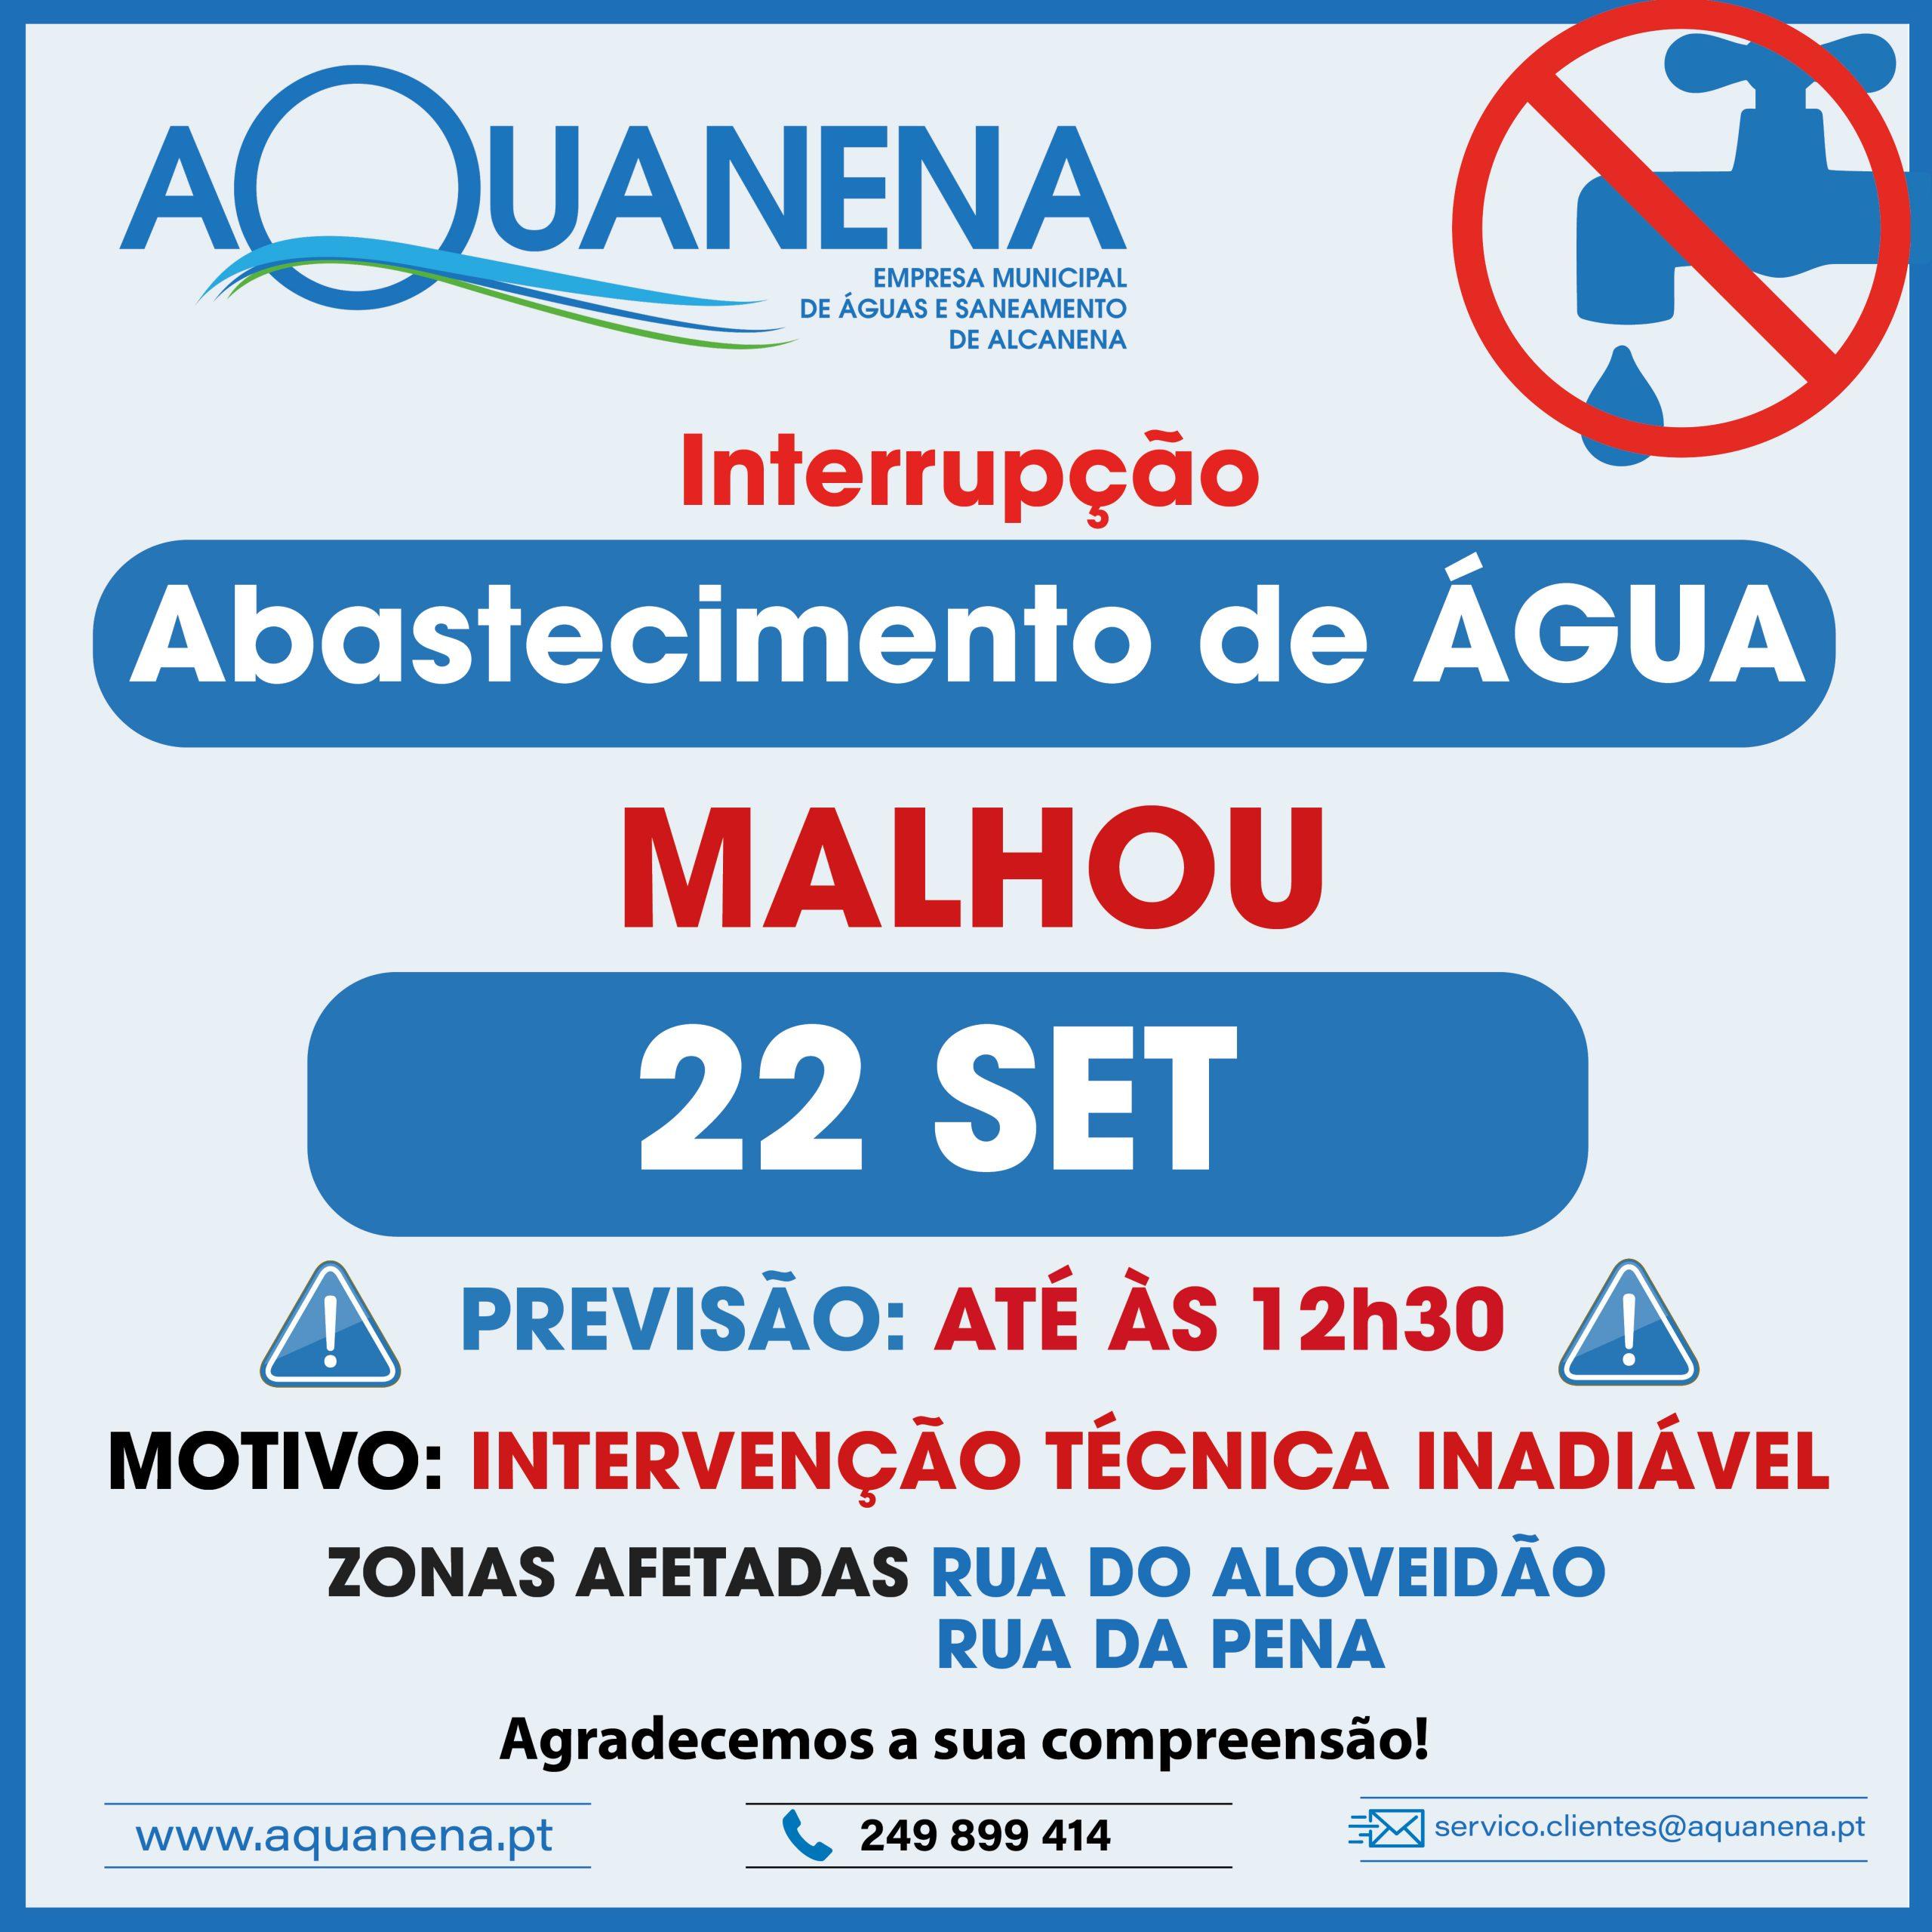 INTERRUPÇÃO DO ABASTECIMENTO de água em MALHOU